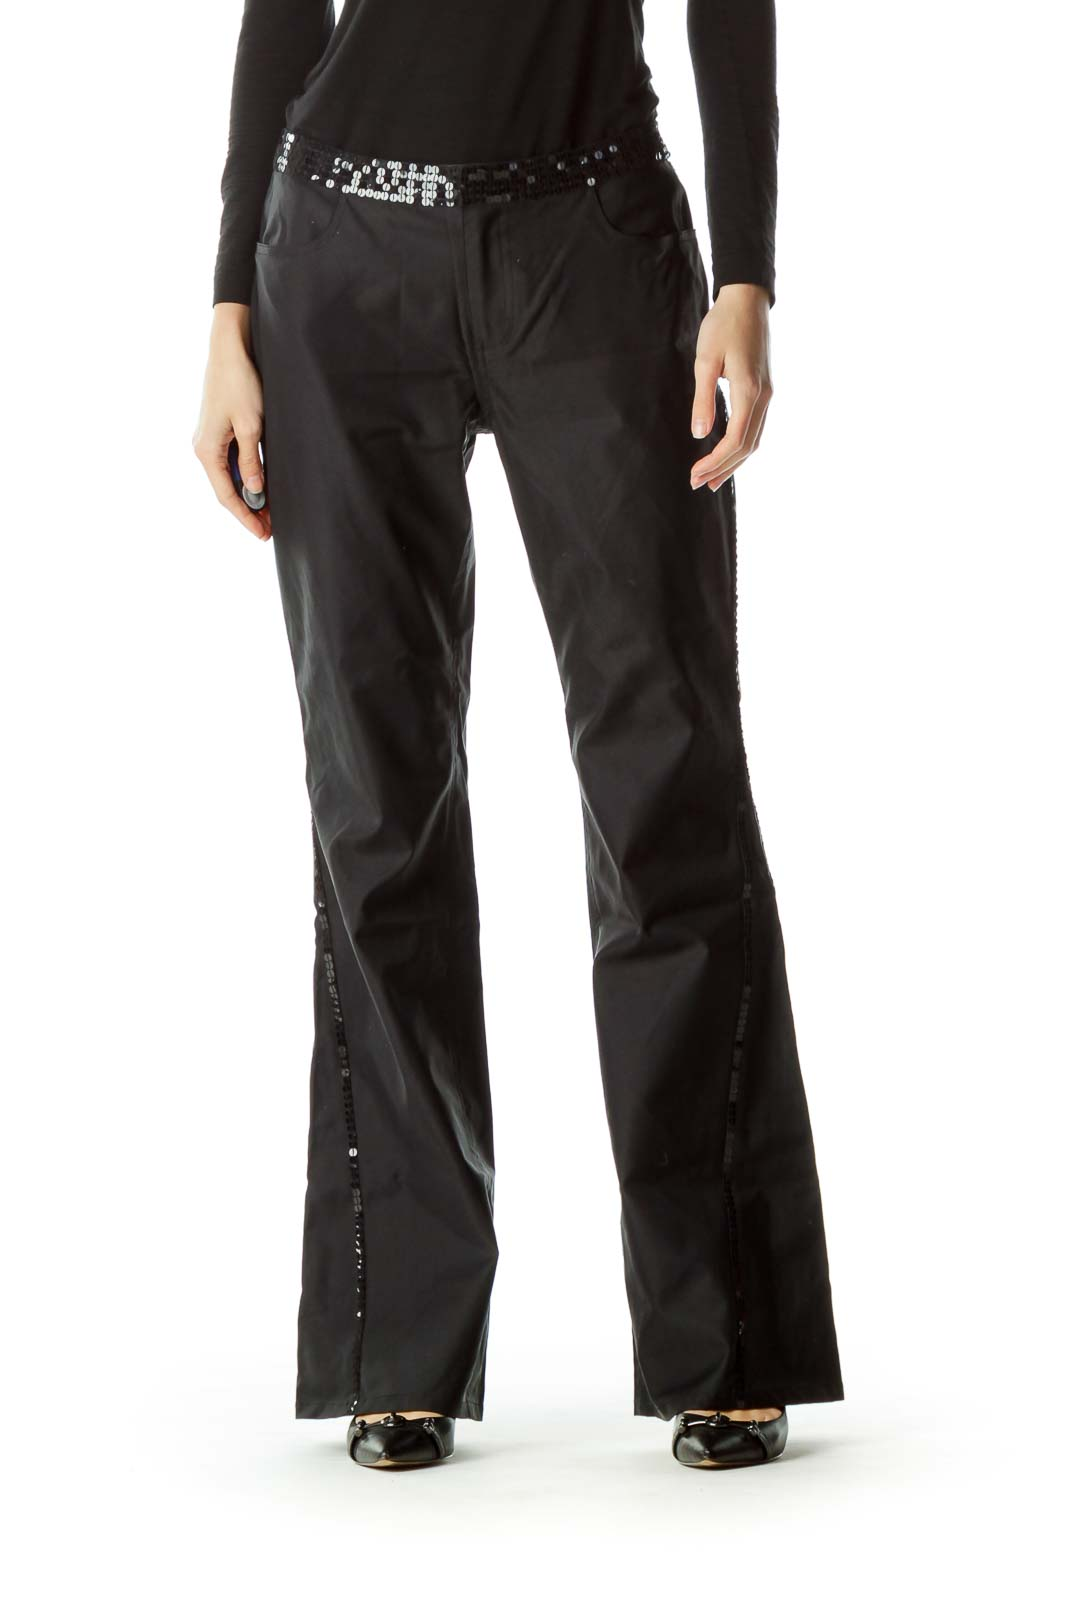 Black Sequin Detail Wide Leg Pants Front